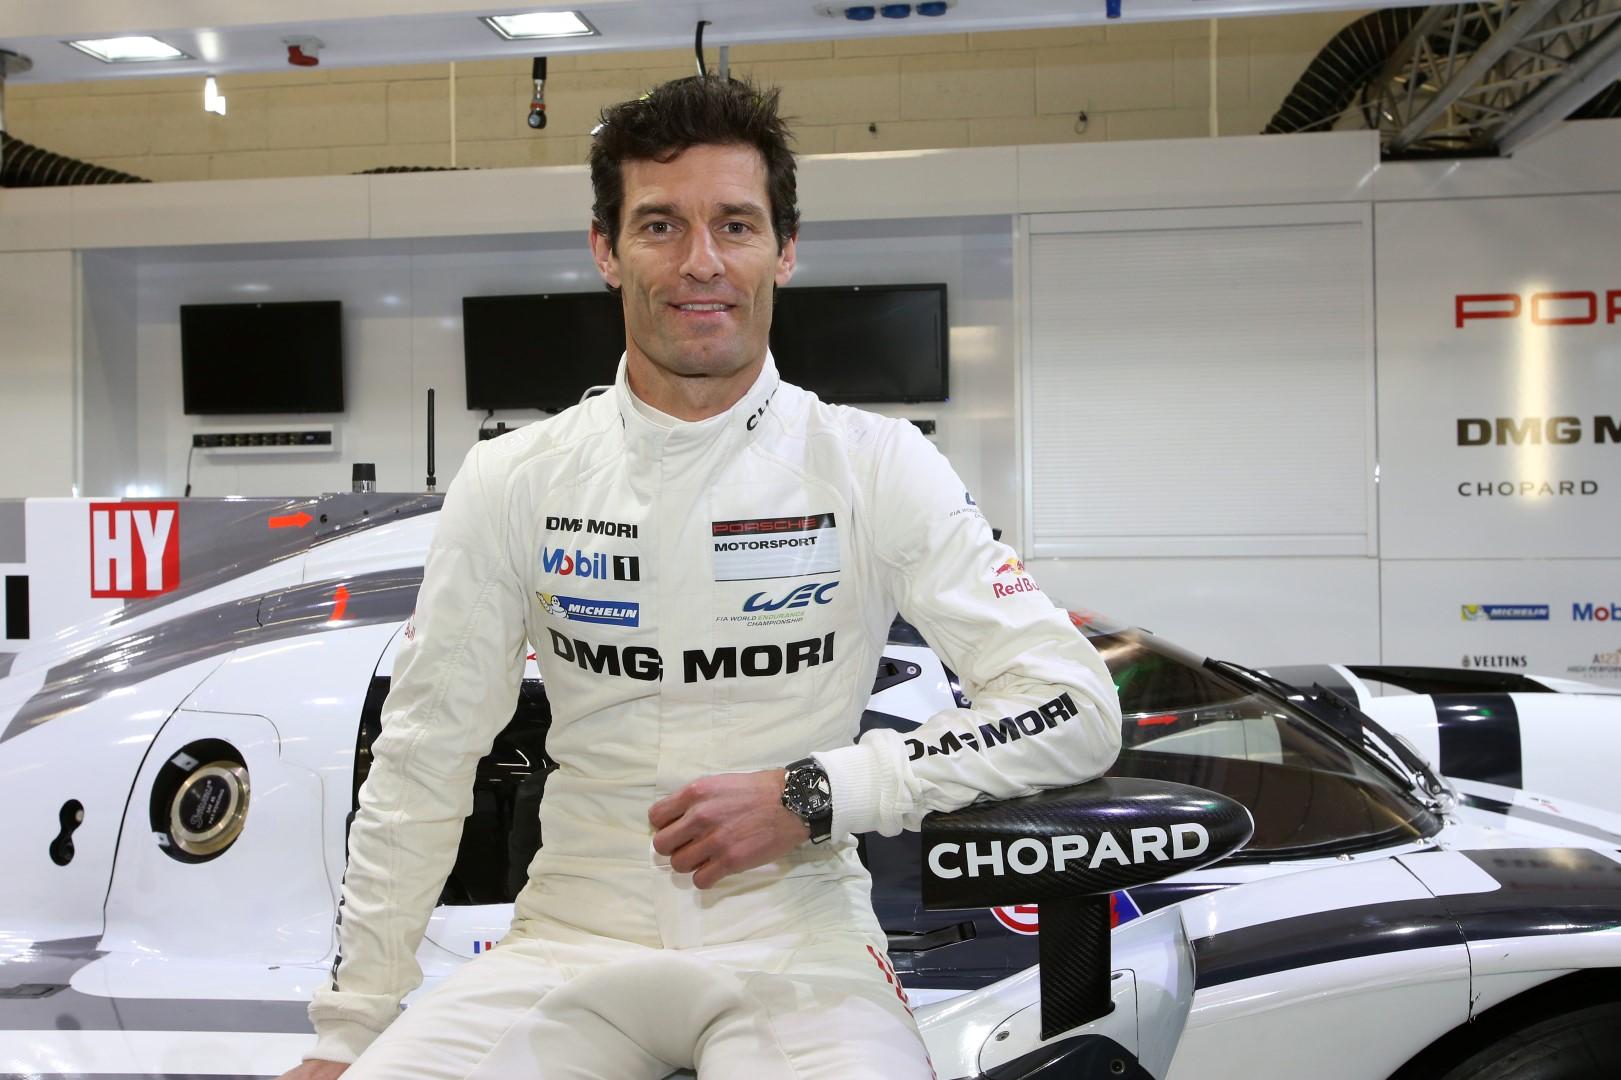 Mark Webber - Conductor de Porsche Motorsport y embajador de Chopard